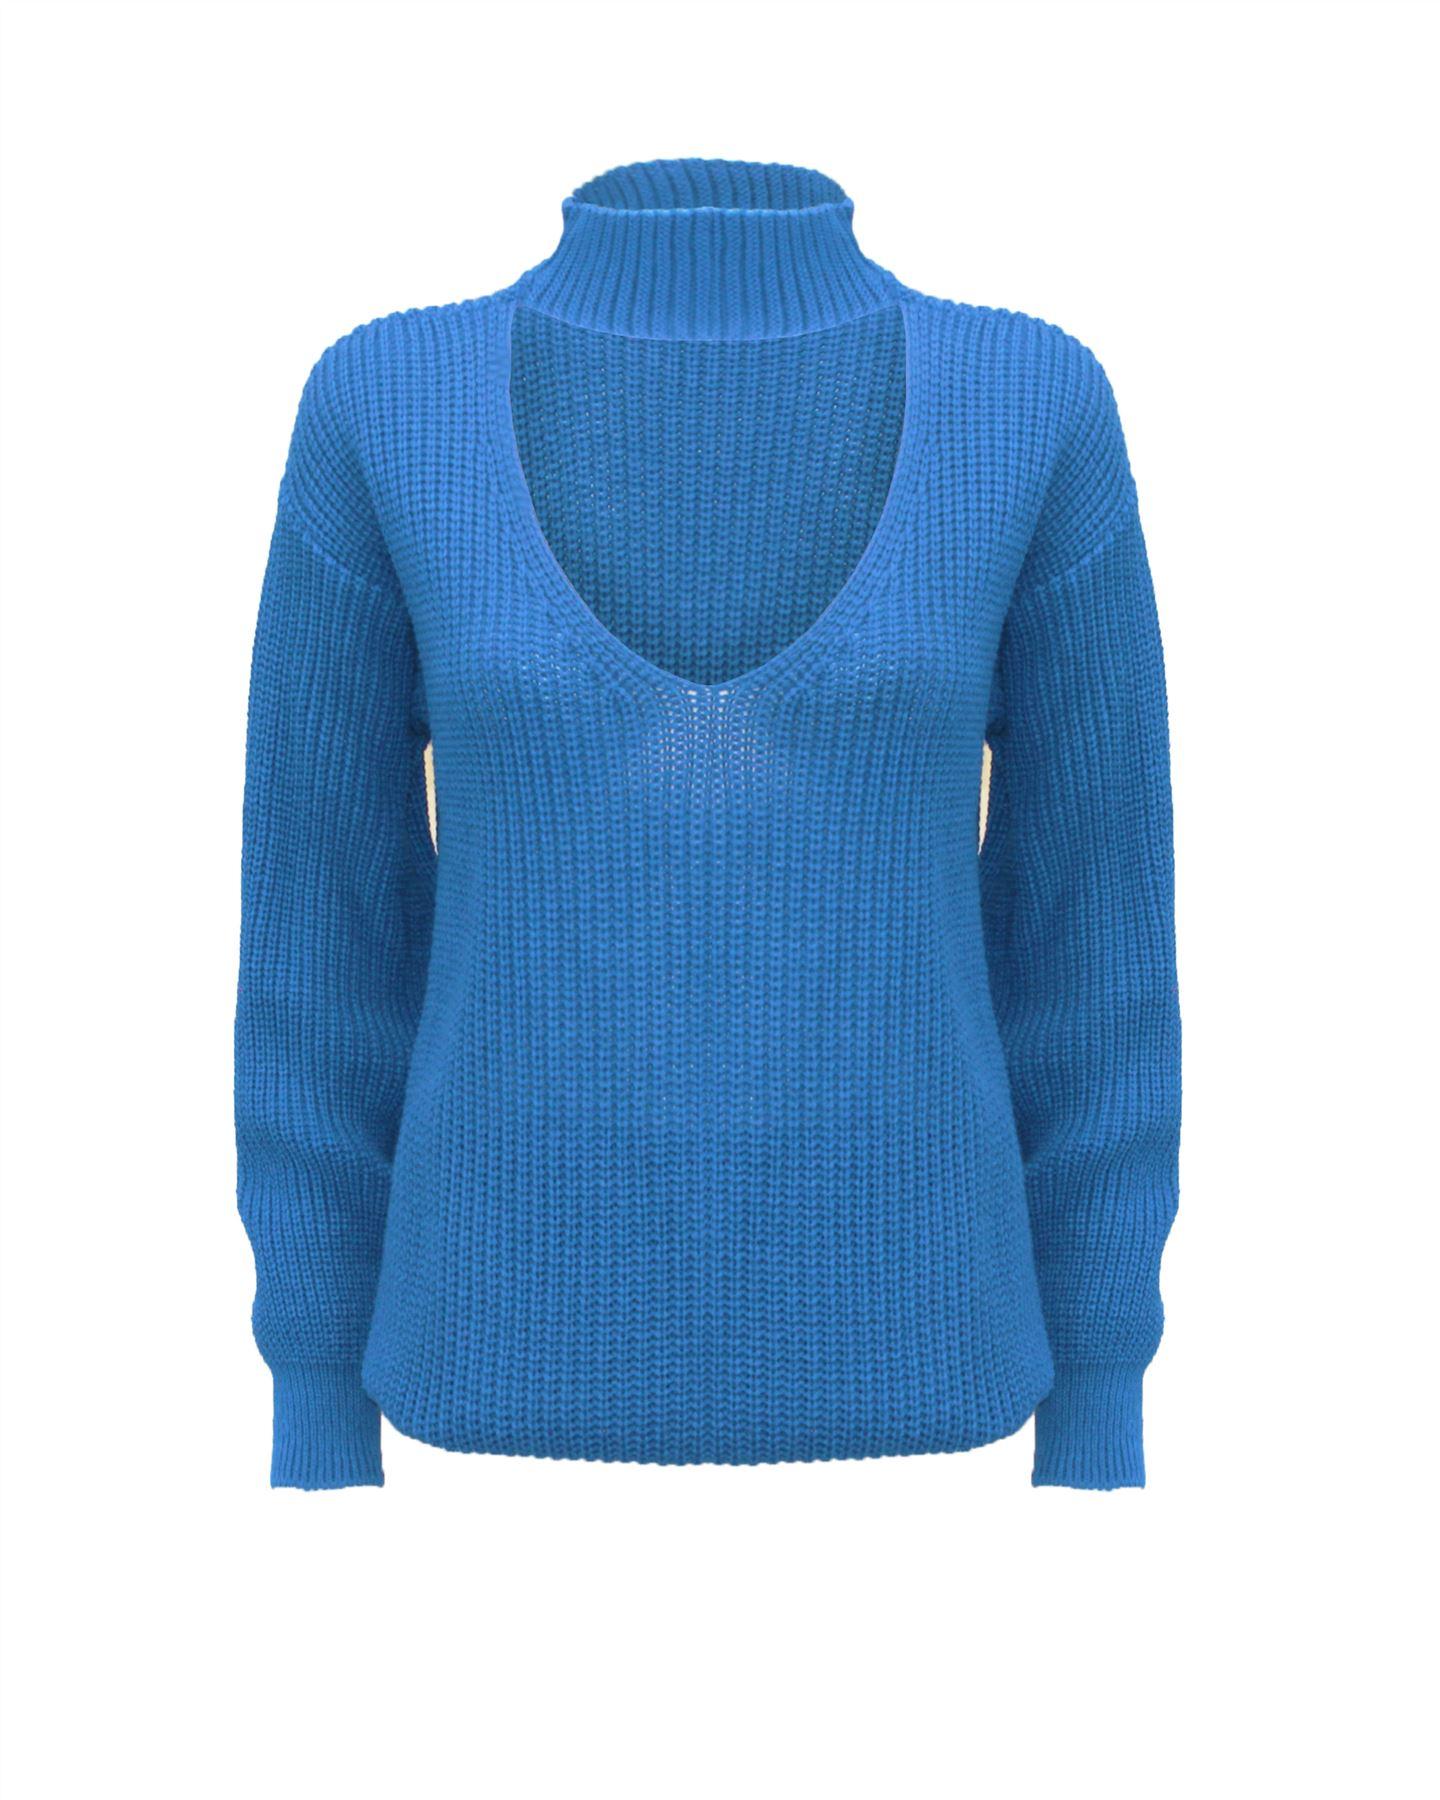 Le-donne-Donna-A-Maglia-Girocollo-Maglione-a-trama-grossa-Collo-Top-Baggy-Over-dimensionati-sweater miniatura 11